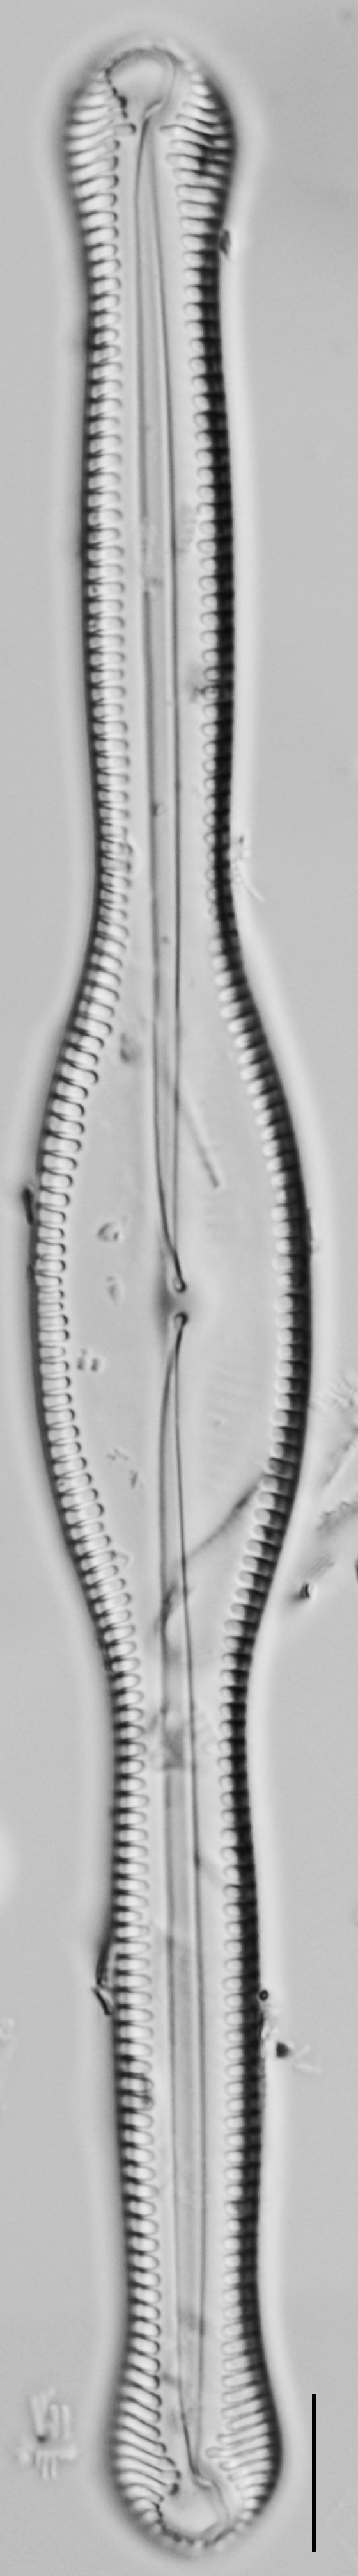 Pinnularia formica LM6